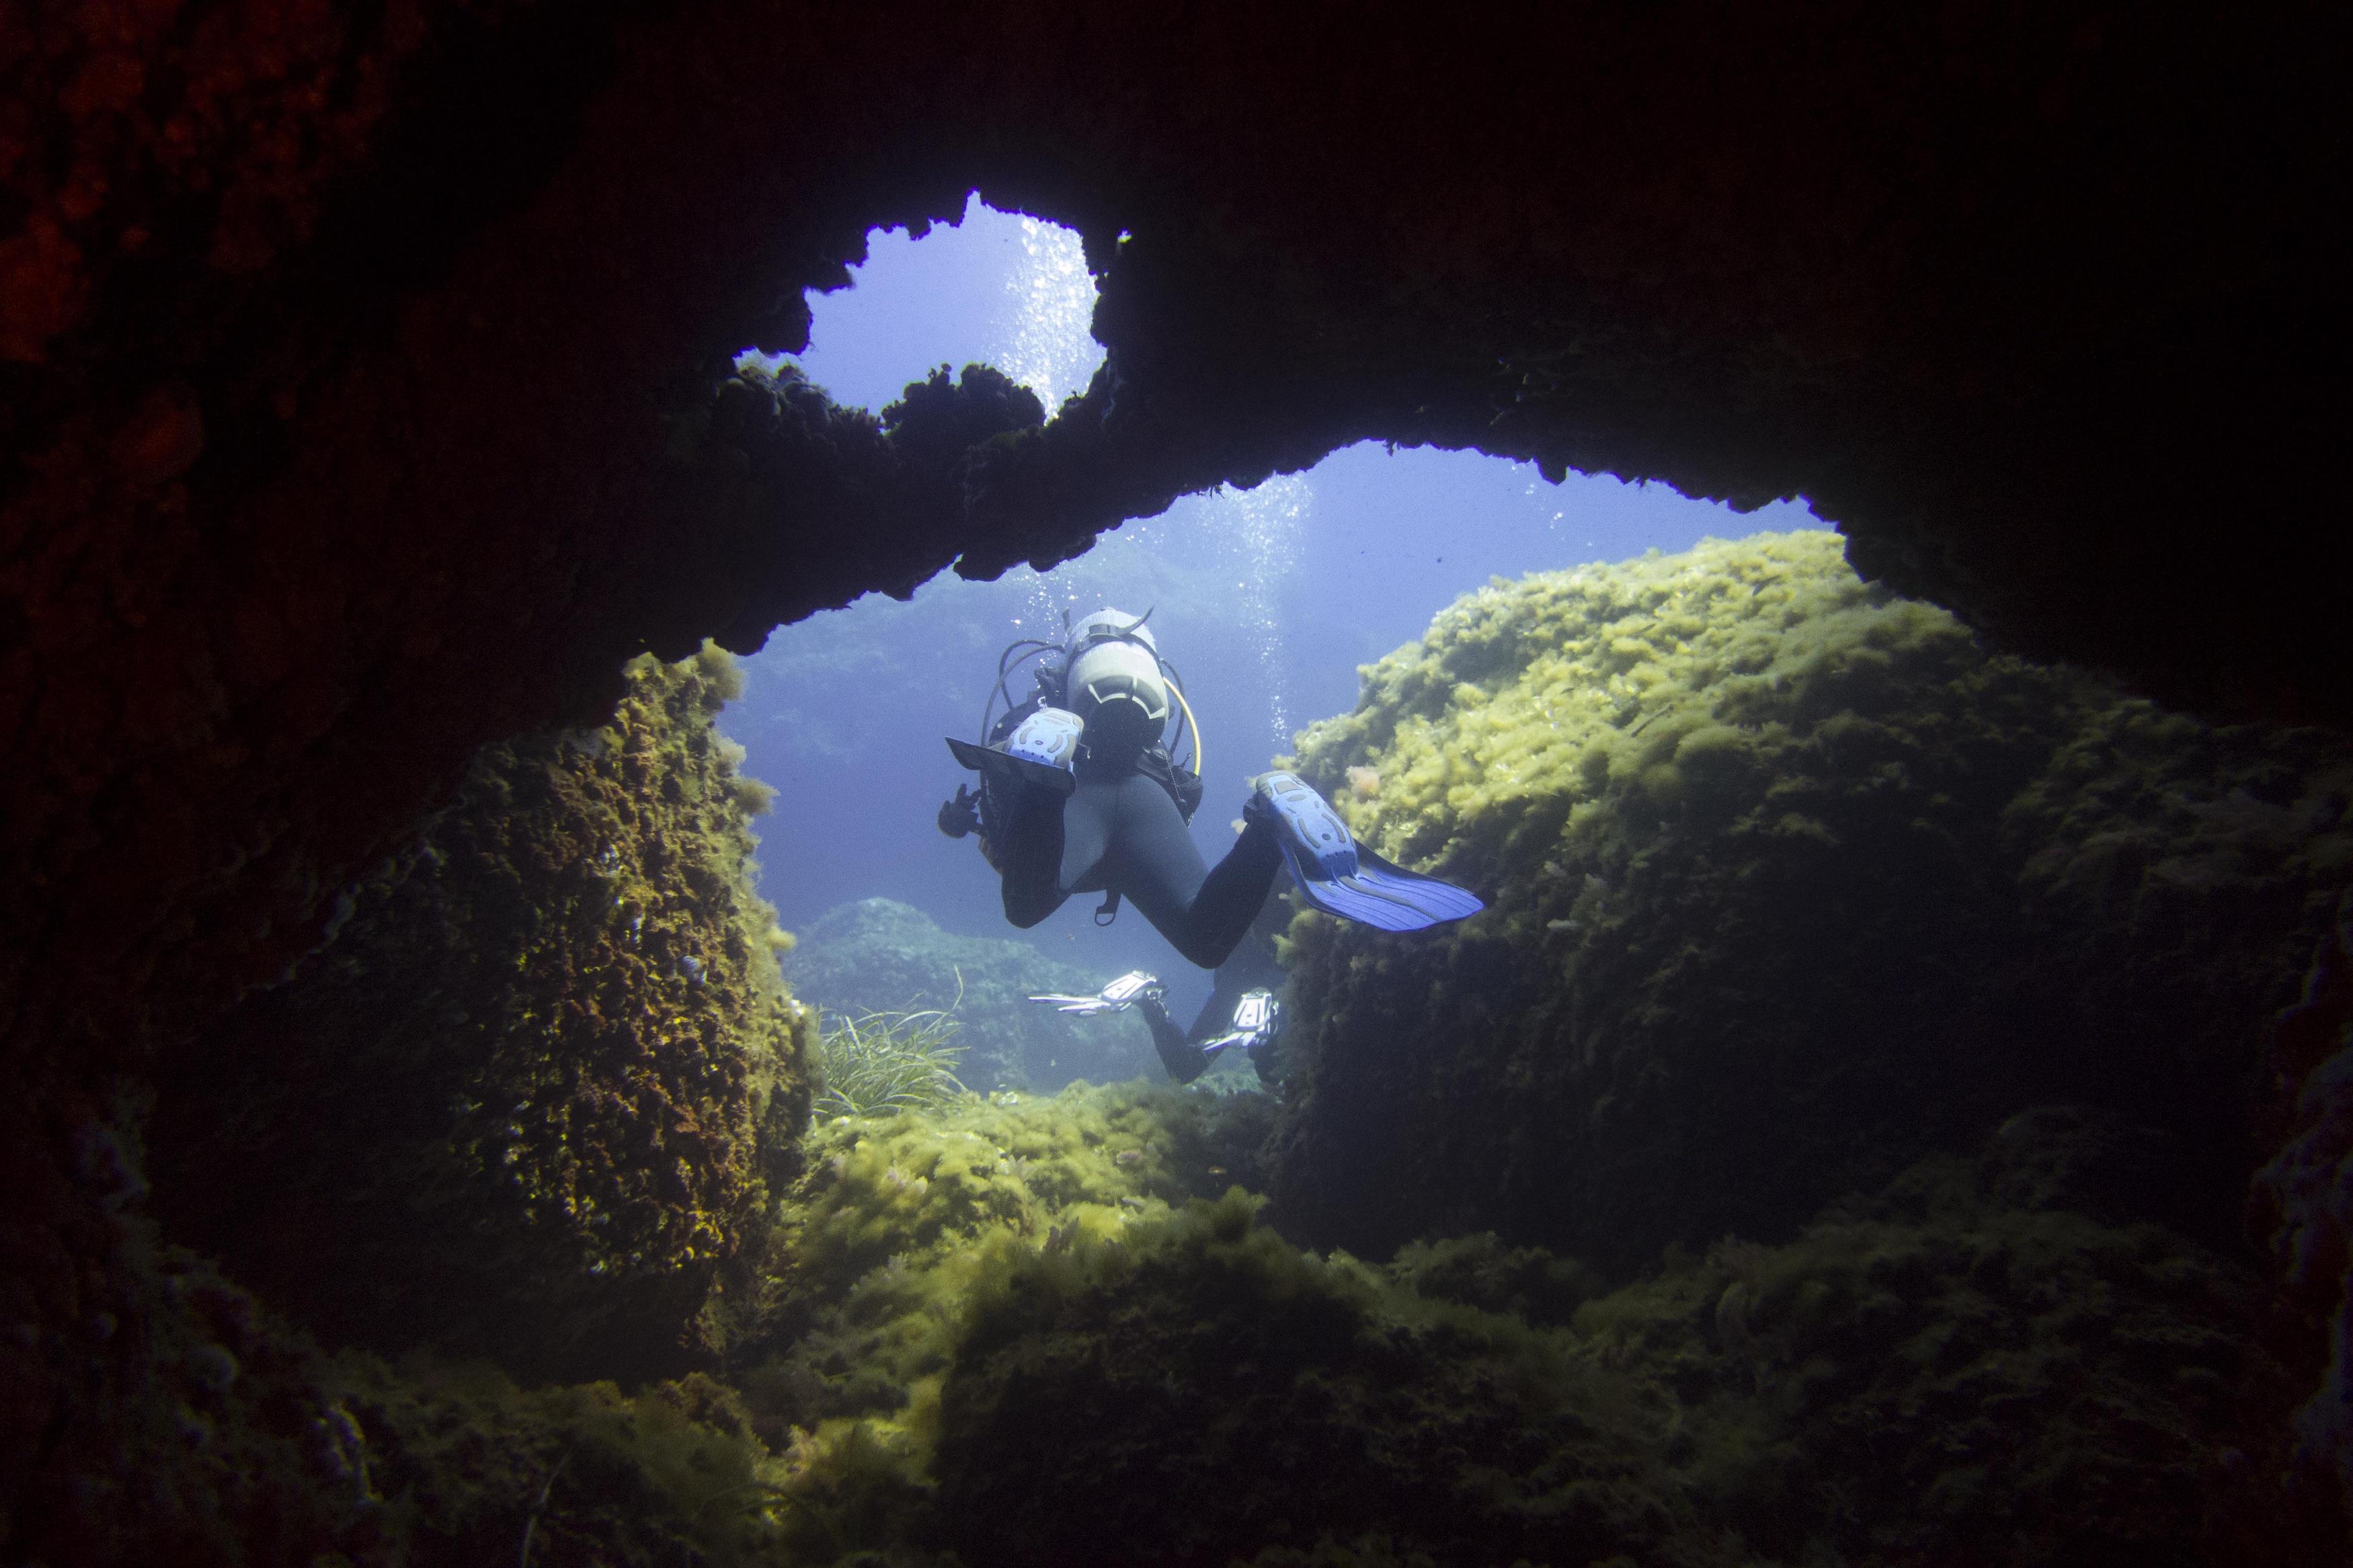 inmersión en Es Carglo, Menorca. Diving in Es Cargol, Menorca